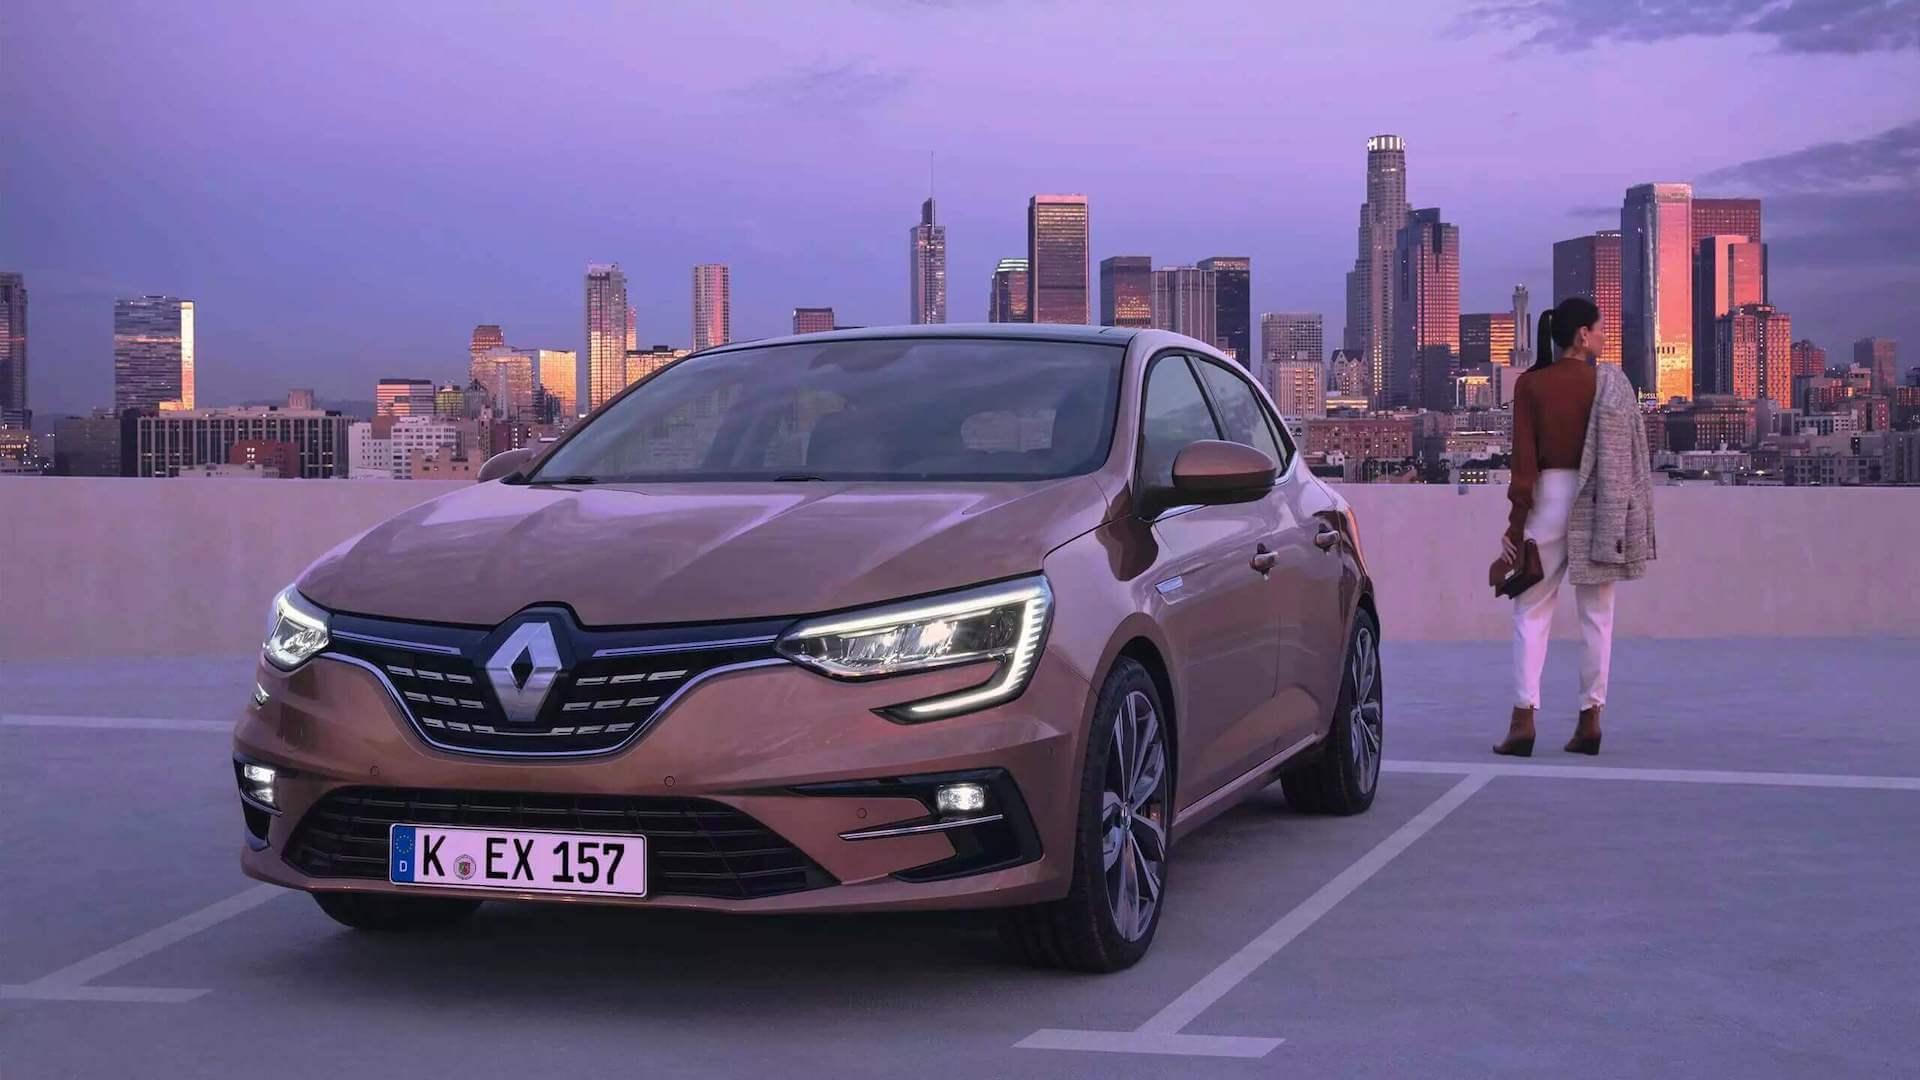 Frontansicht vom braunen Auto - Auto steht auf einem Parkdeck - Renault Megane - Renault Ahrens Hannover